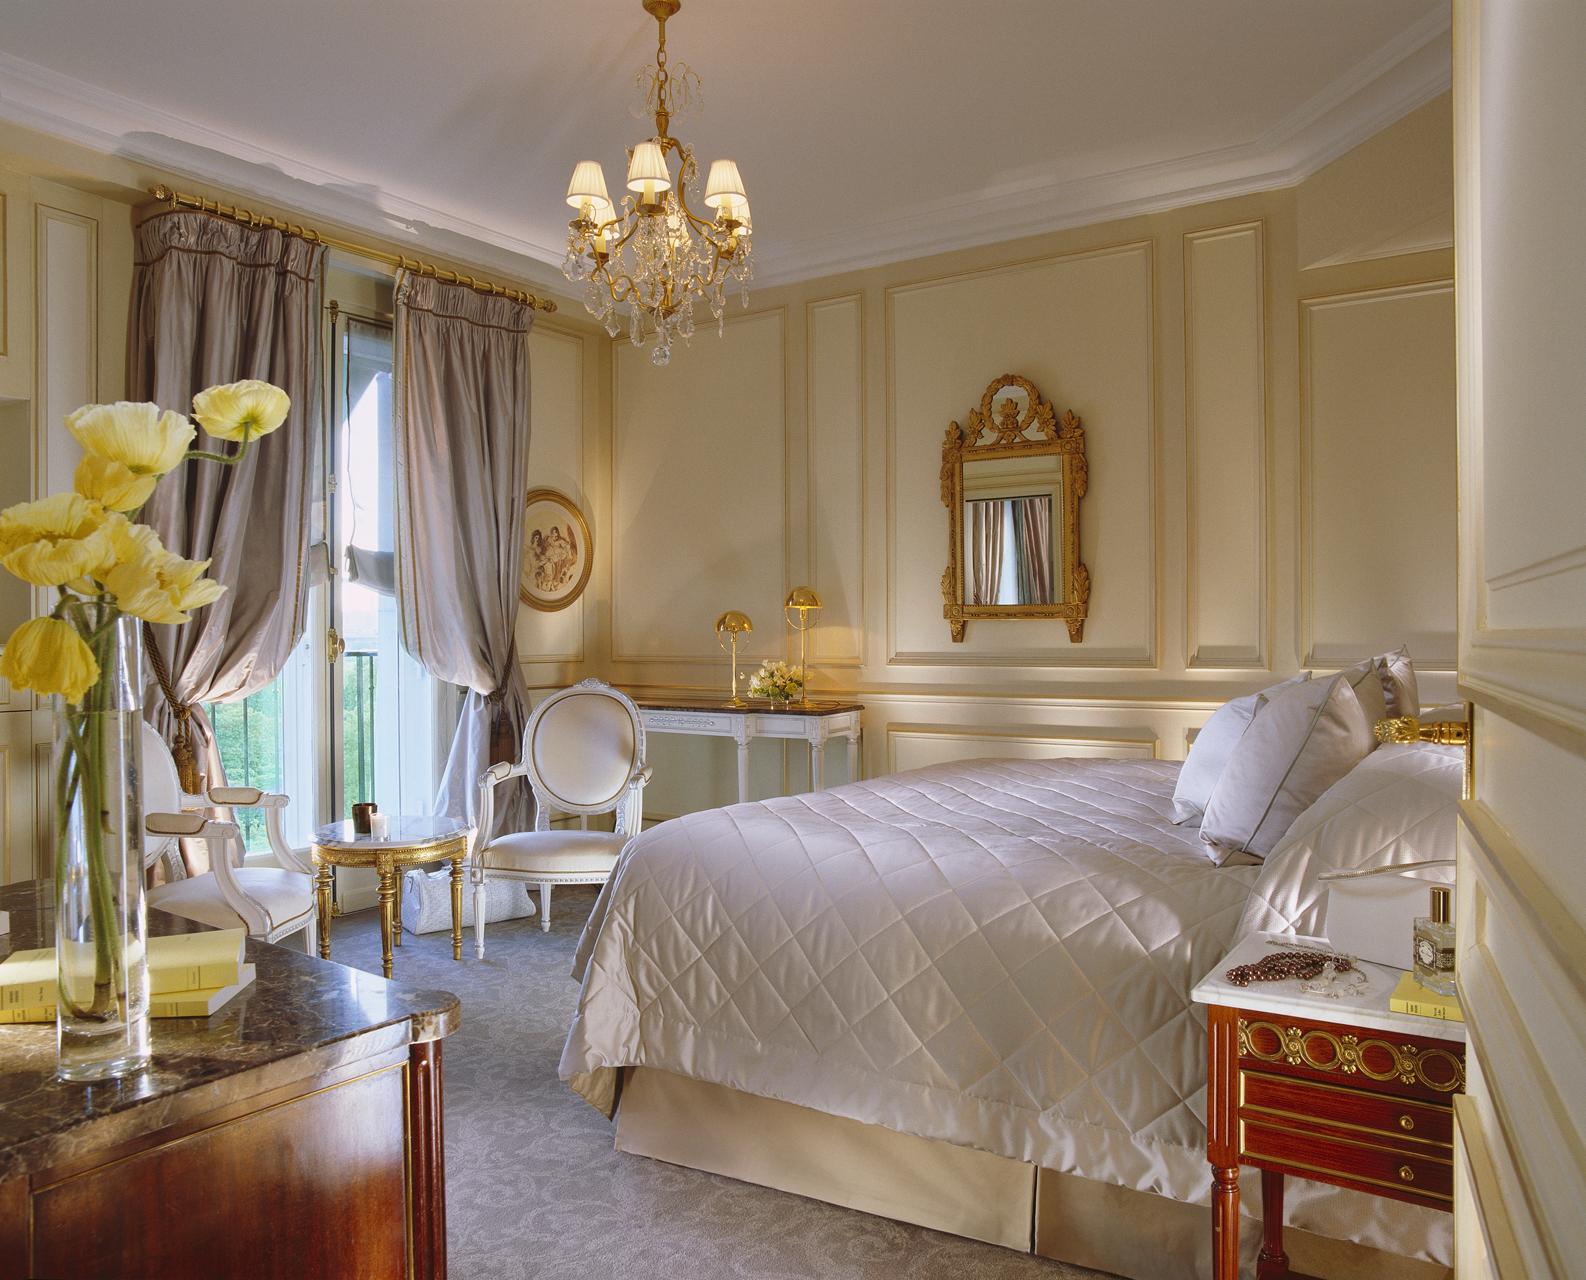 Top du meilleur chambre de luxe - Chambre luxe paris ...